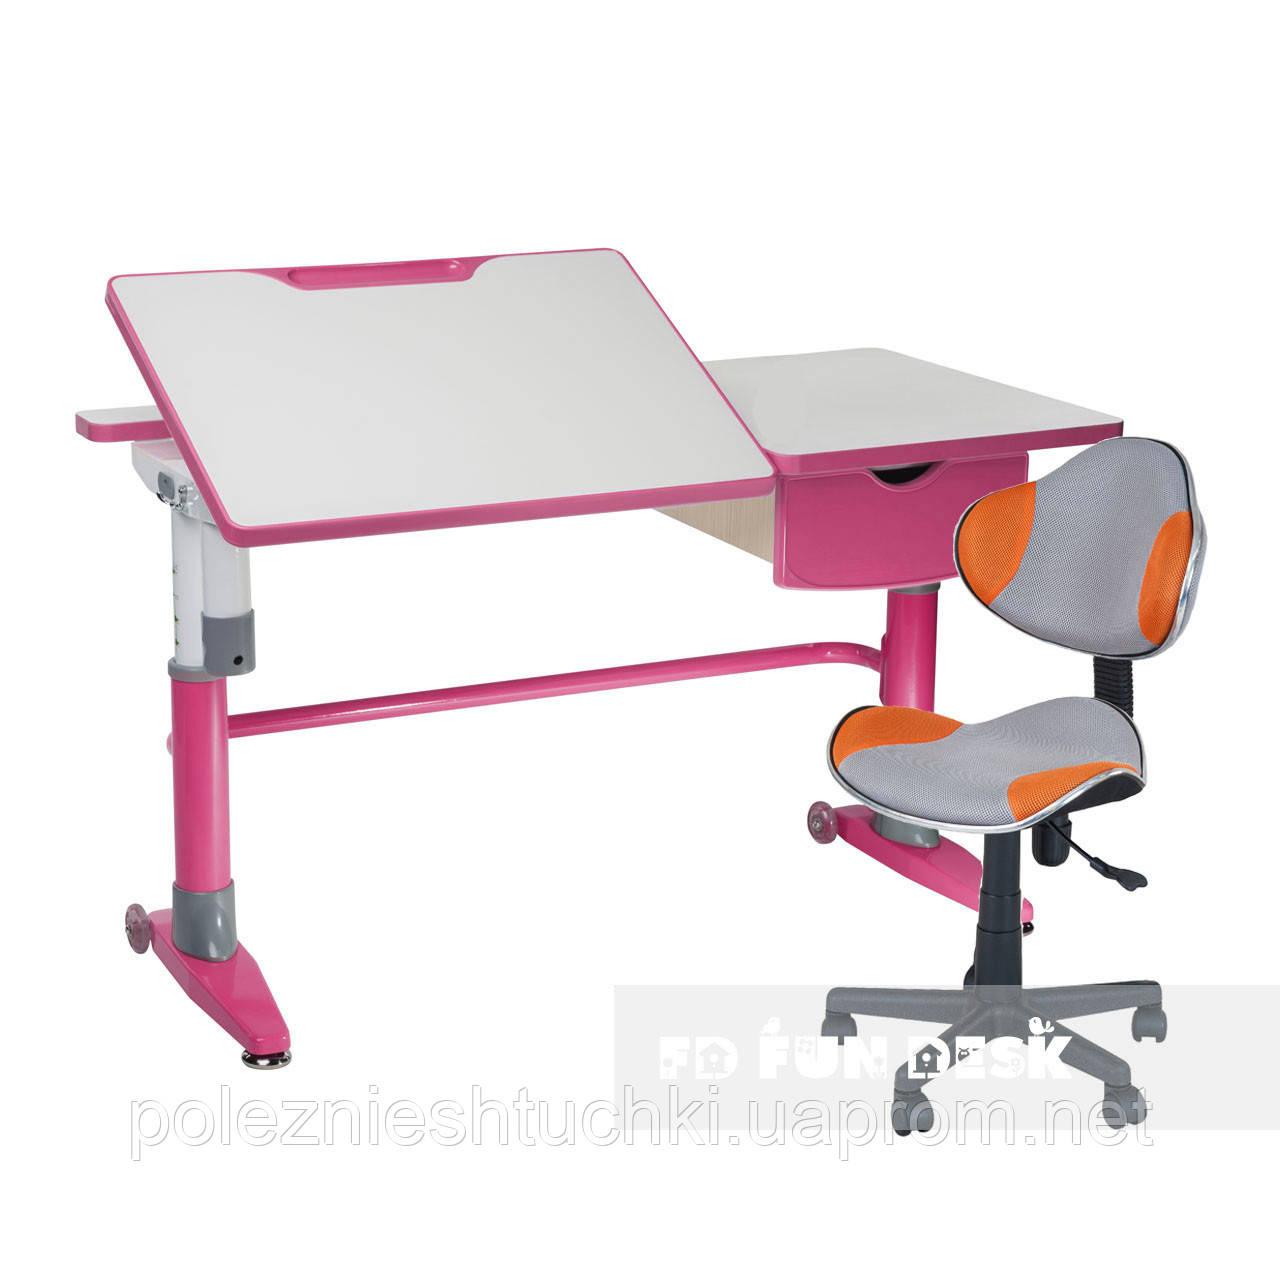 Комплект парта-трансформер Ballare Pink с выдвижным ящиком+детское кресло LST3 Orange-Grey FunDesk